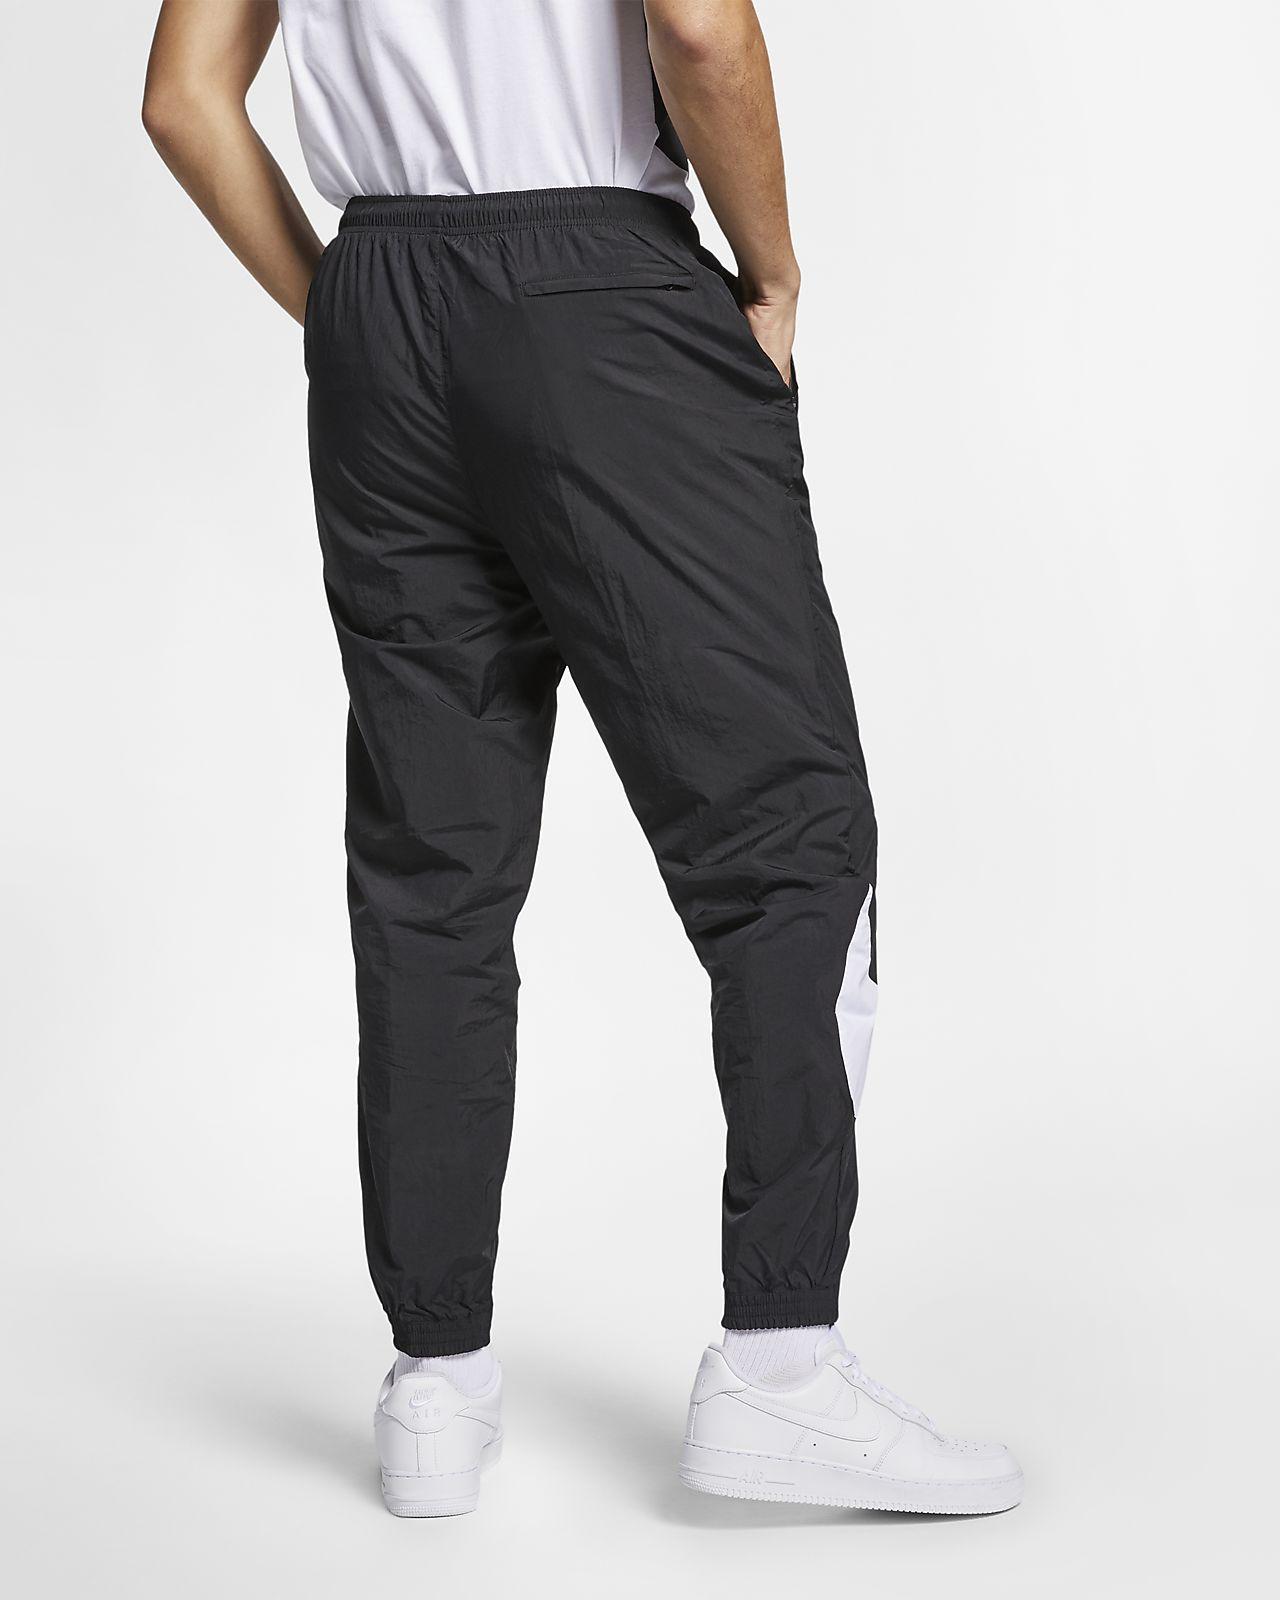 c16702e334a6b Low Resolution Nike Sportswear Woven Trousers Nike Sportswear Woven Trousers